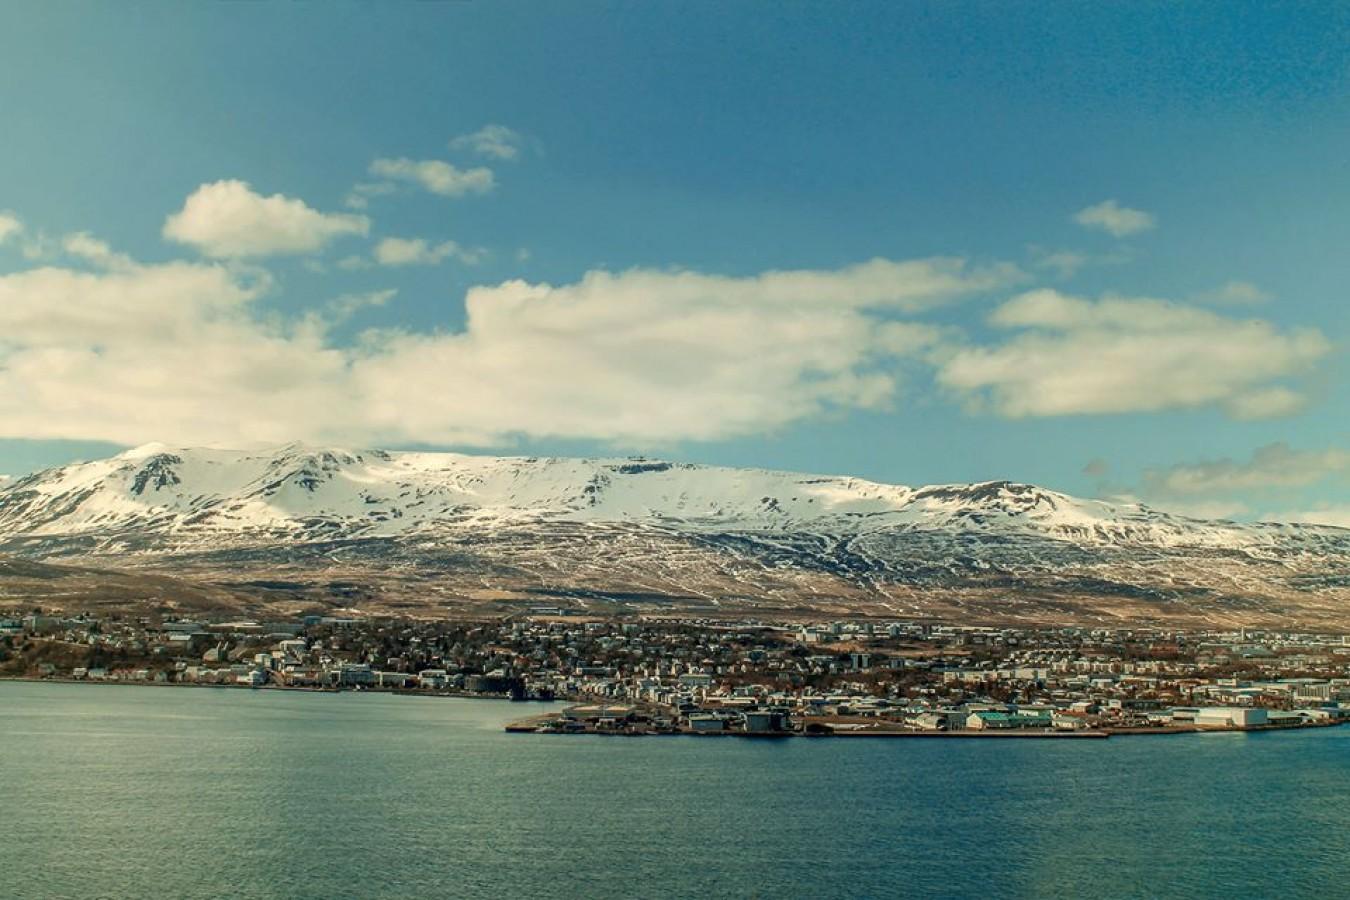 Utazási kérdezz-felelek - (majdnem) minden, amit tudni akartál Izlandról